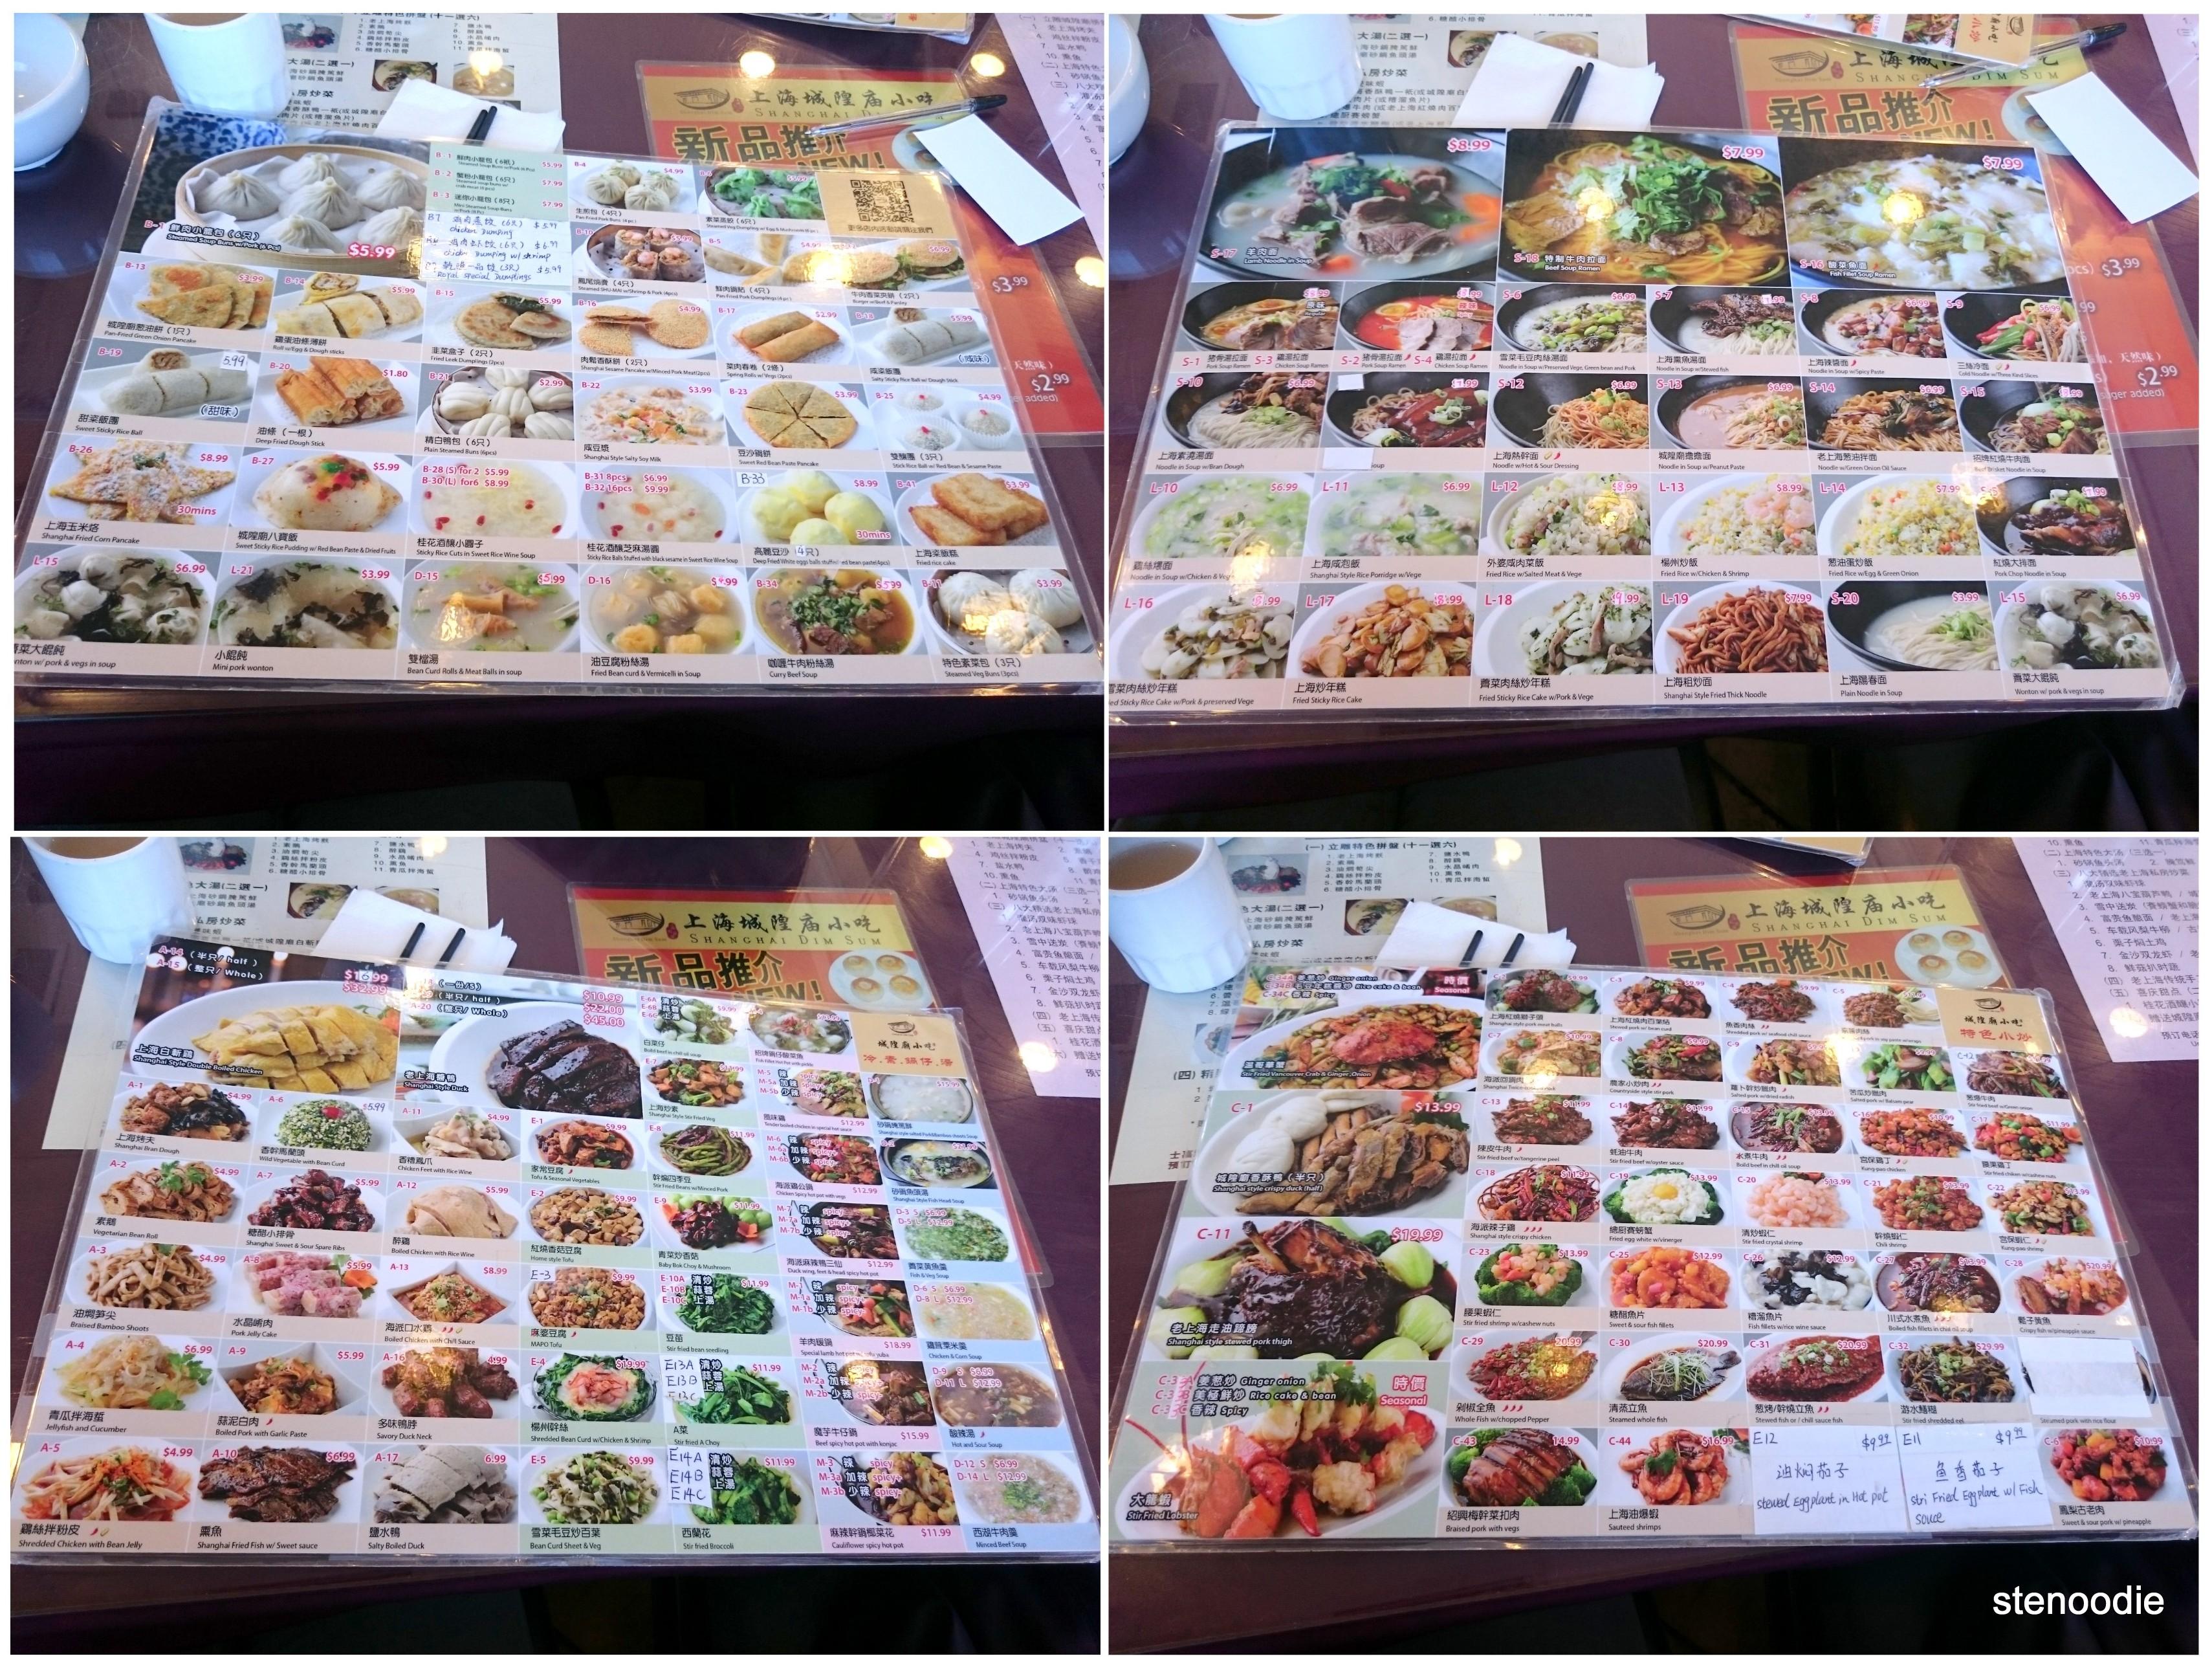 Shanghai Dim Sum menu